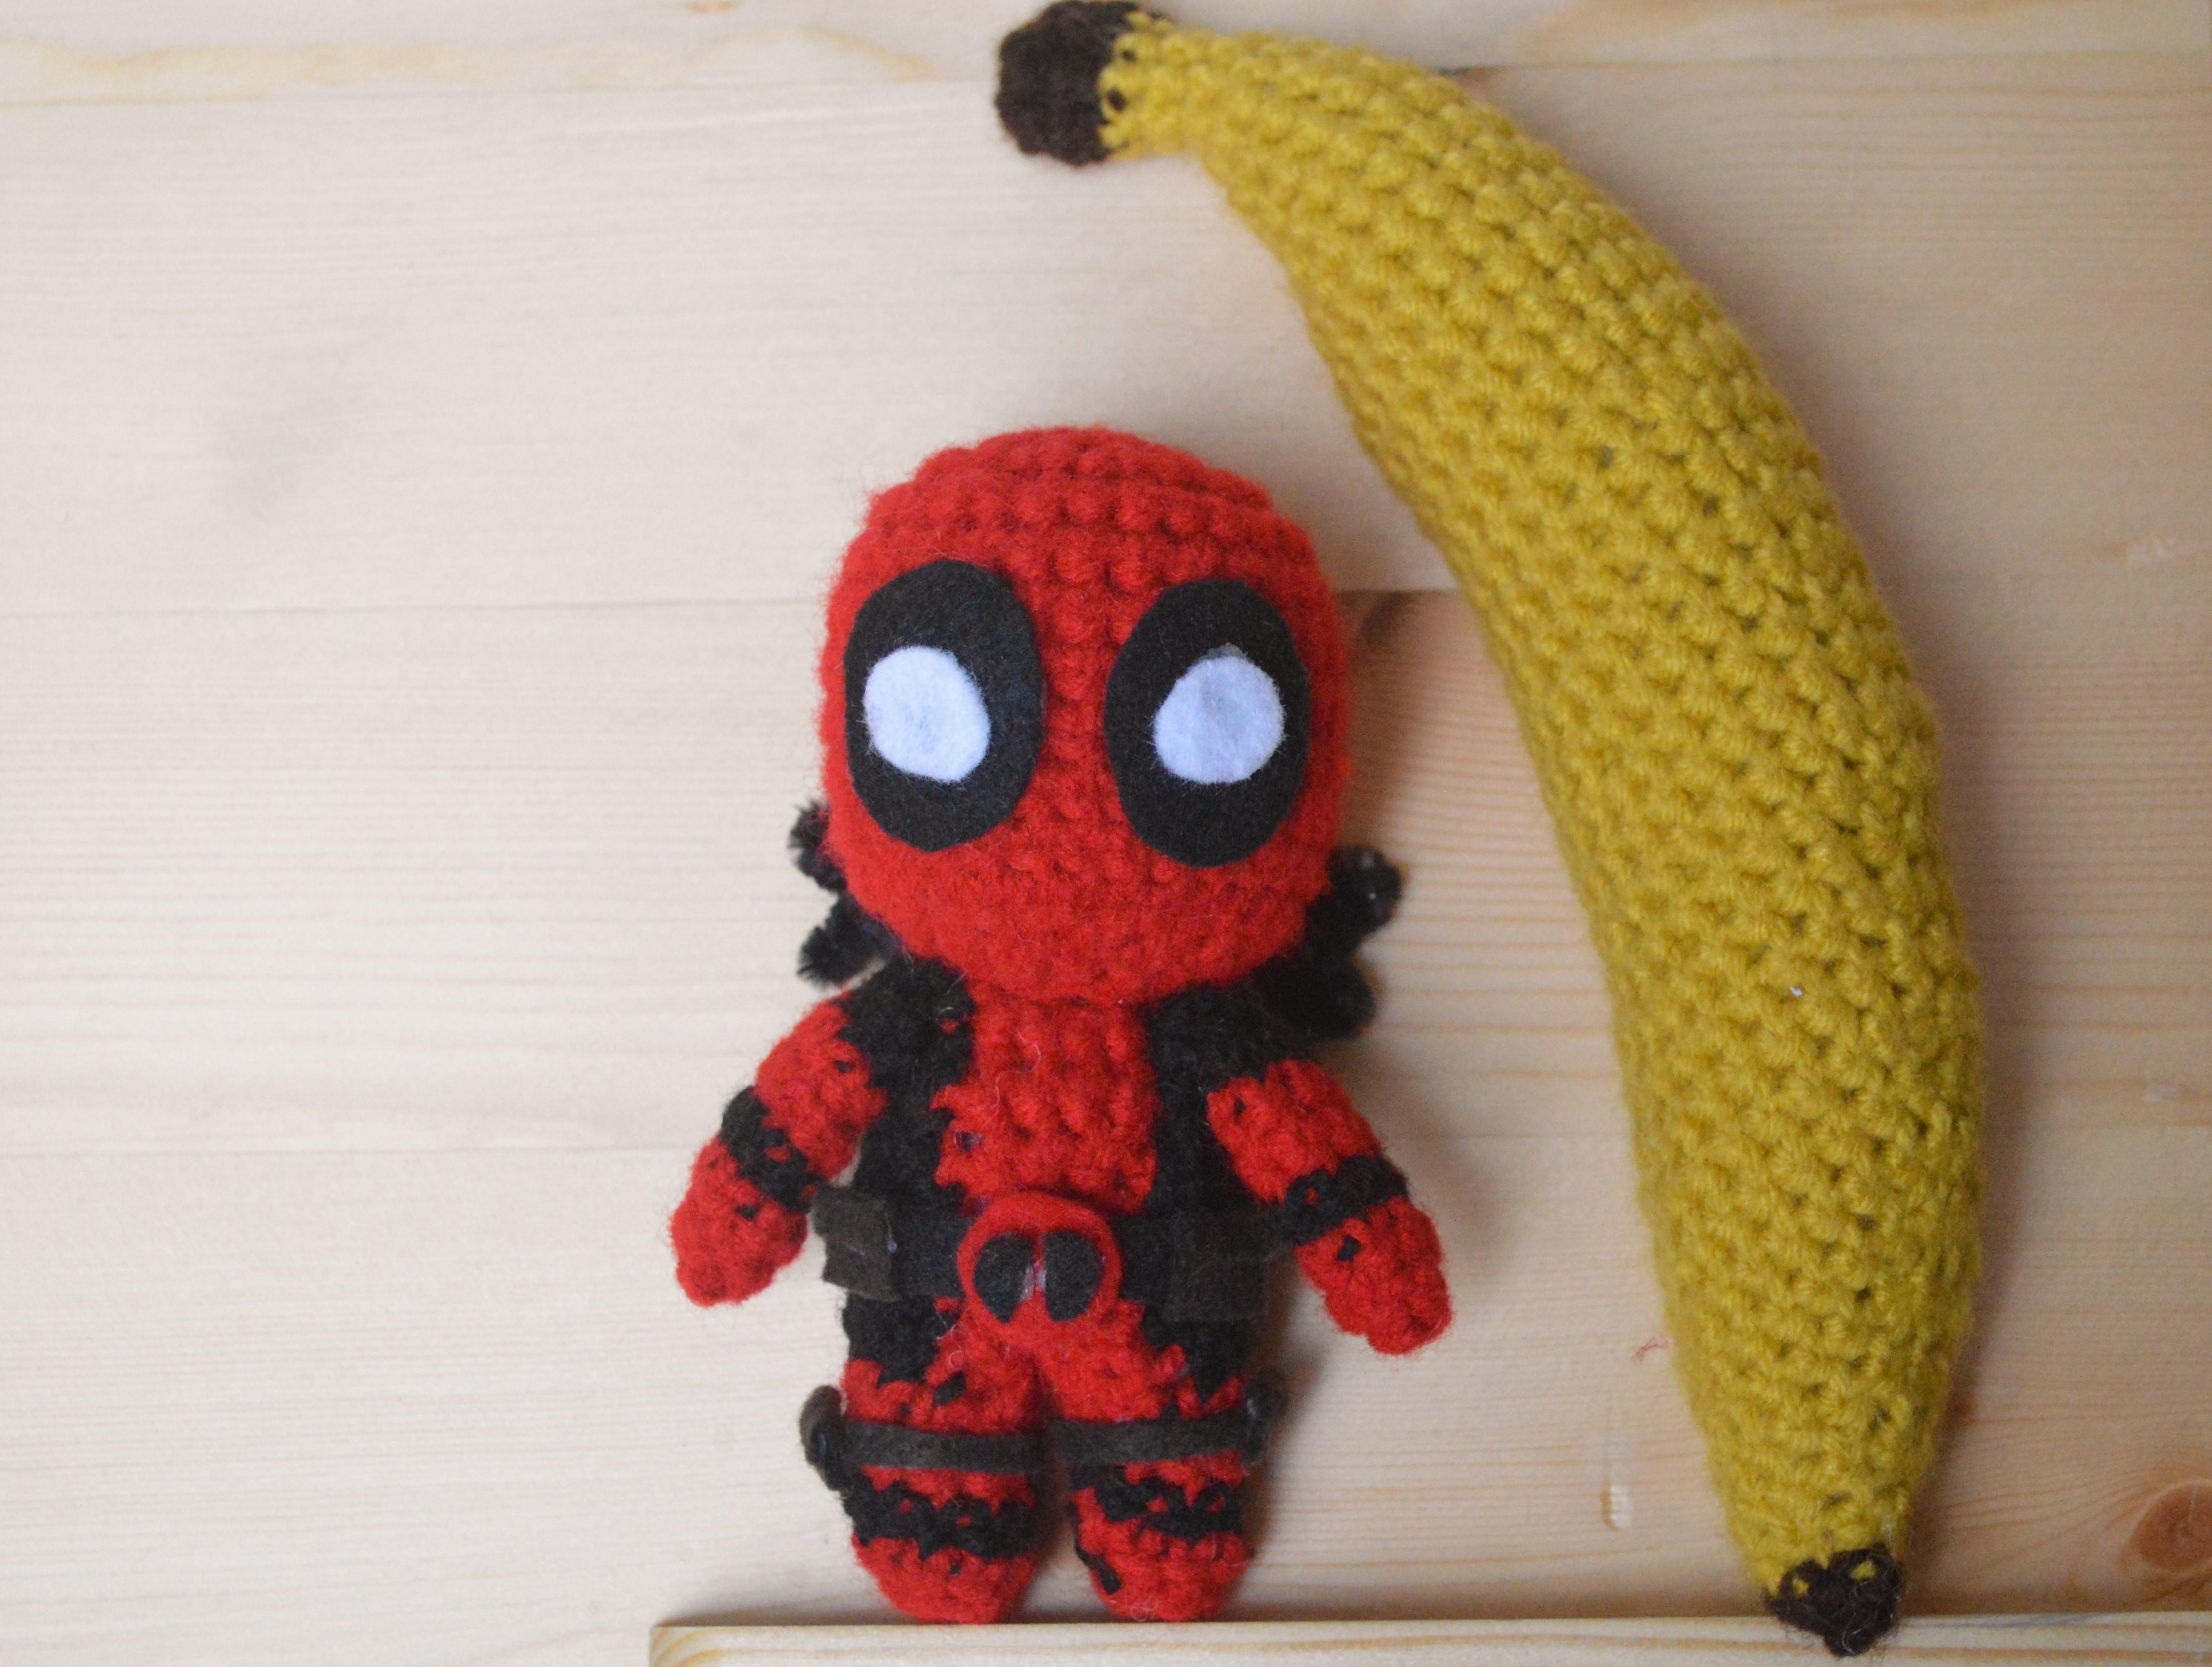 La Fee Crochette: Free Deadpool crochet pattern in French with a ... | 3345x4438